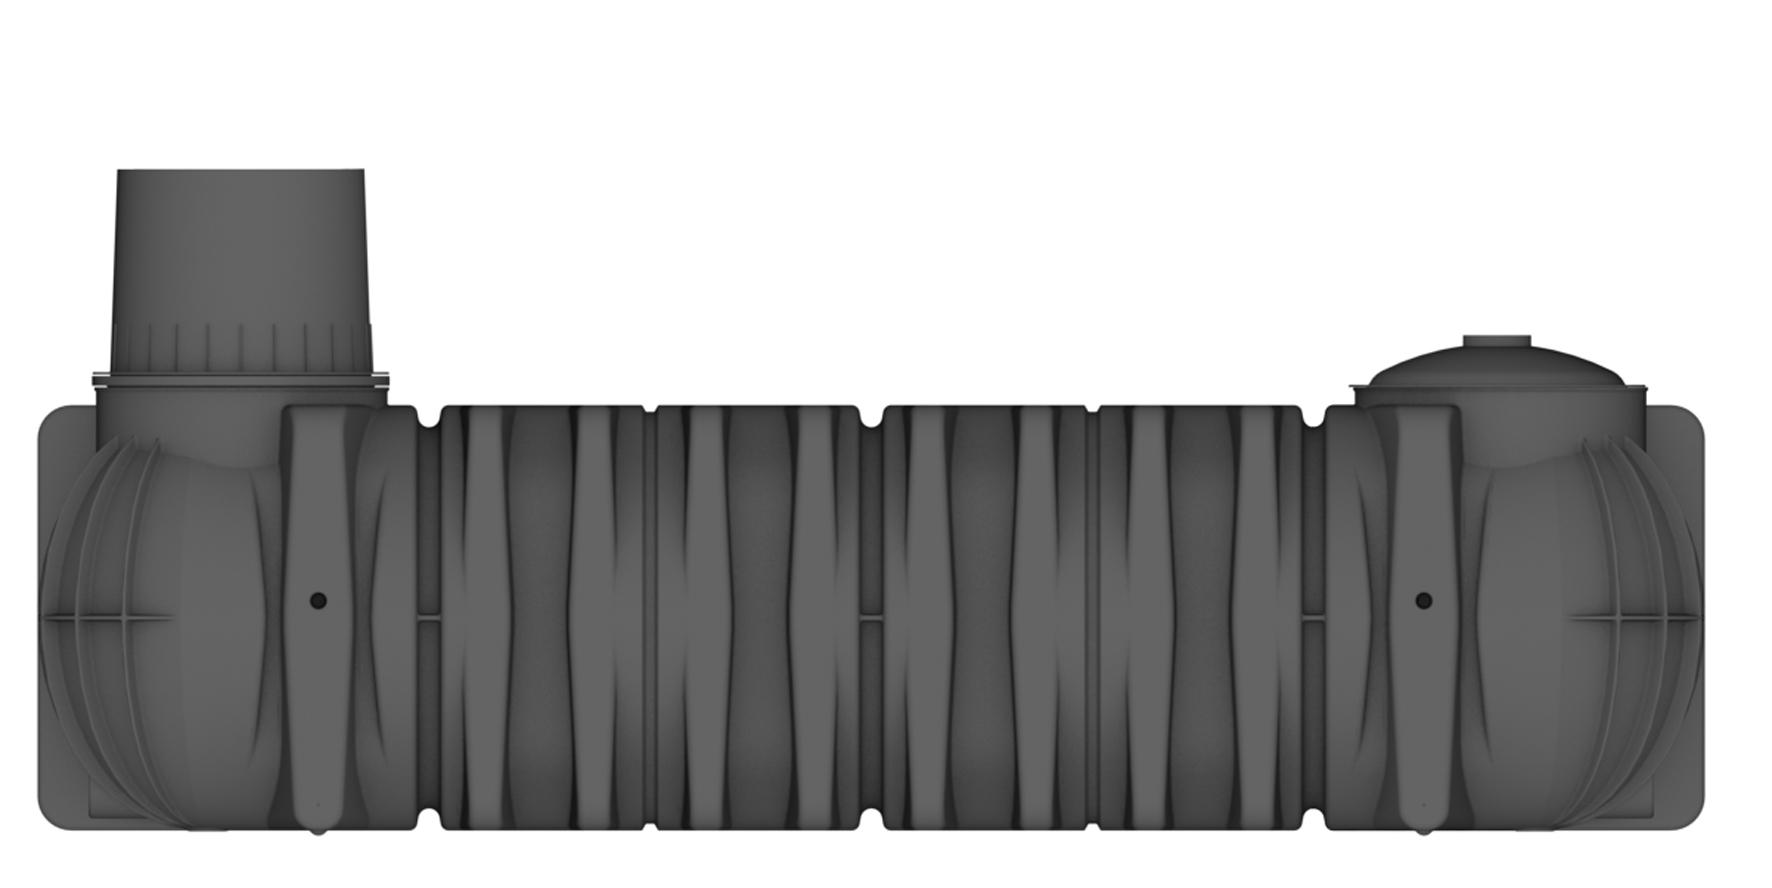 Full Size of Wassertank Garten Flach Flacher Unterirdisch Regenwassertank Verbindungs Set Fr Flachtank Flat L 4rain Bewässerungssystem Pool Im Bauen Wohnen Und Abo Lounge Wohnzimmer Wassertank Garten Flach